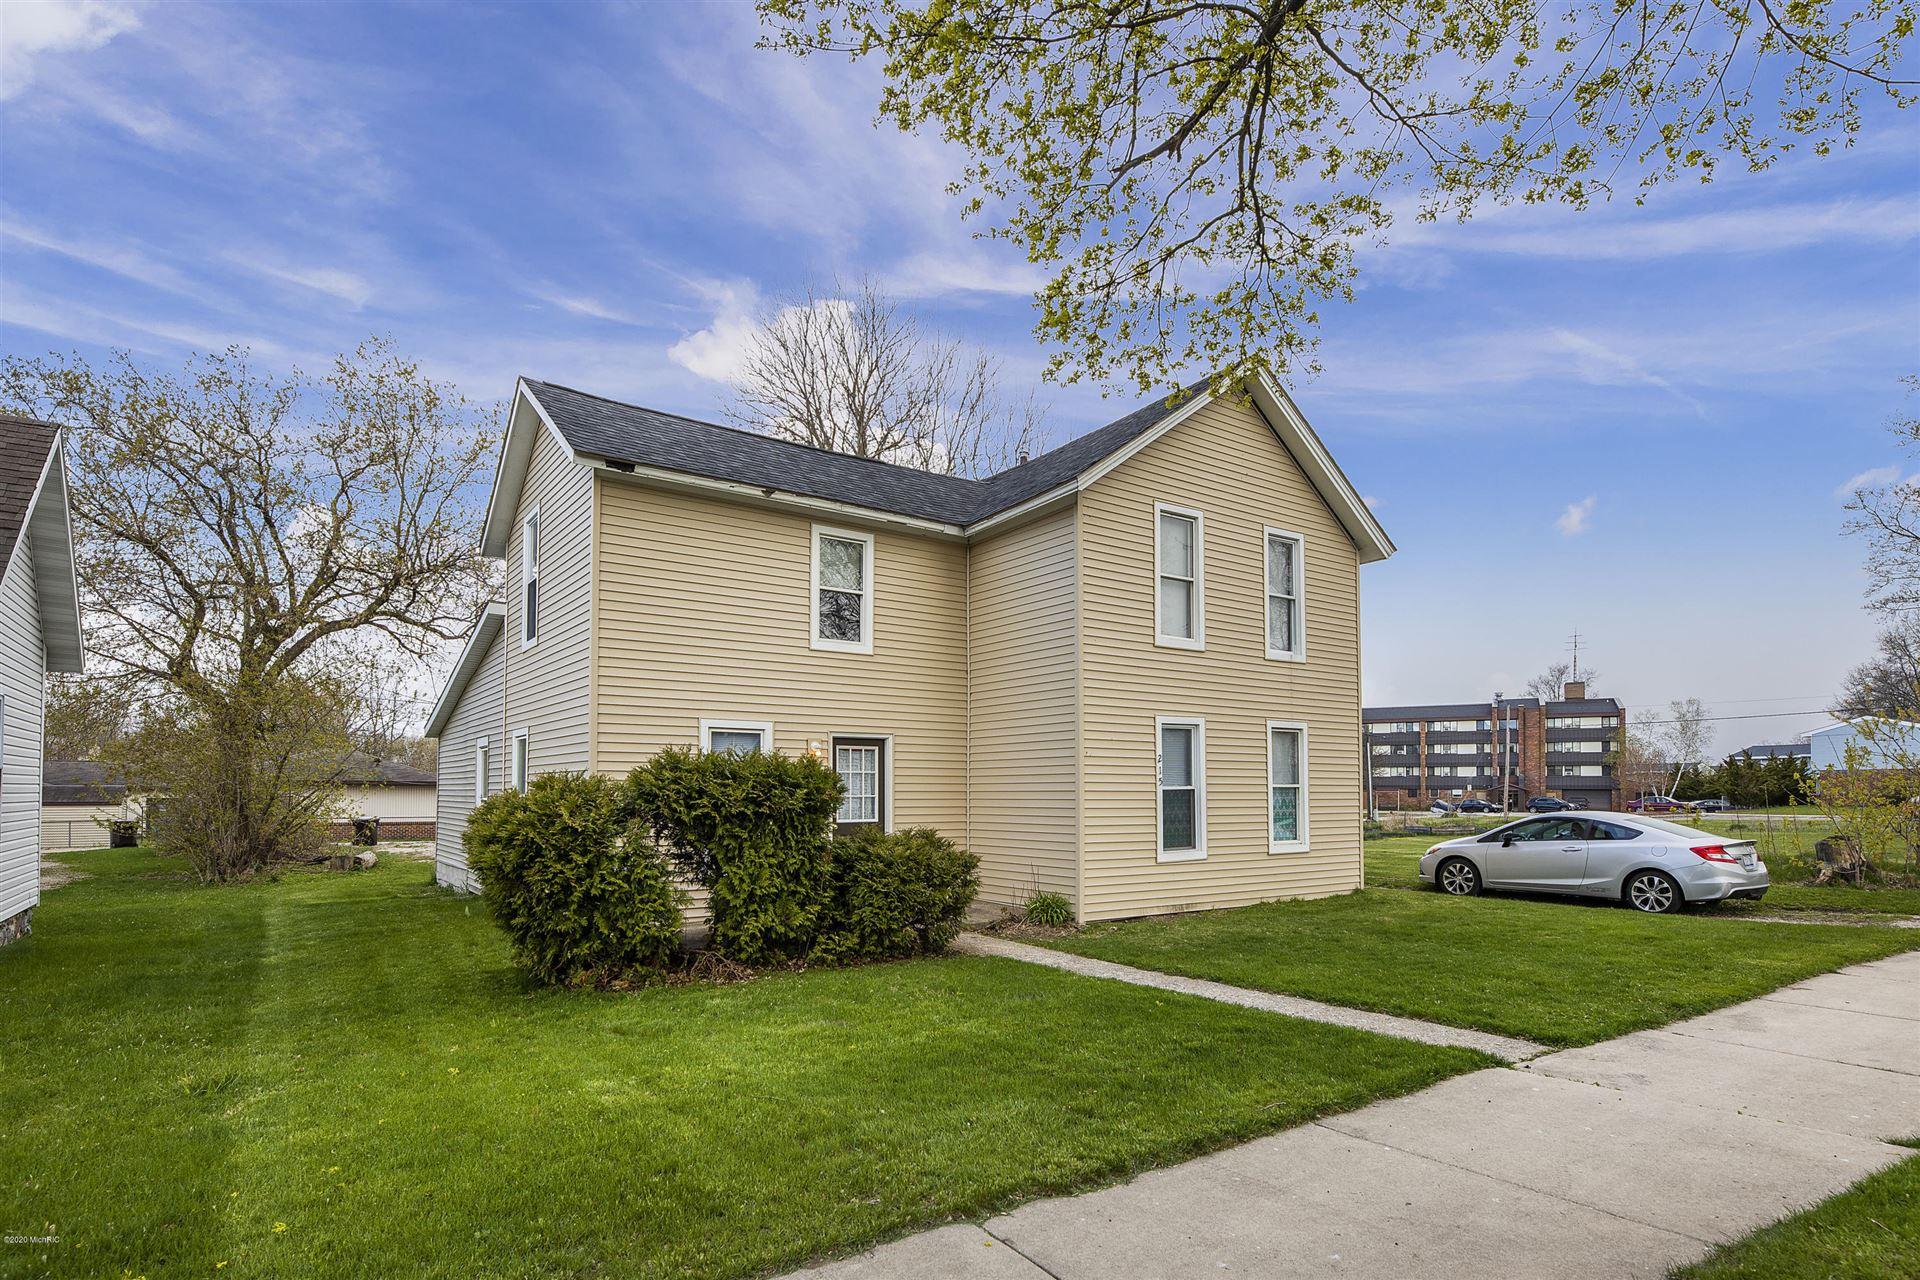 215 2nd Avenue, Big Rapids, MI 49307 - MLS#: 20015675